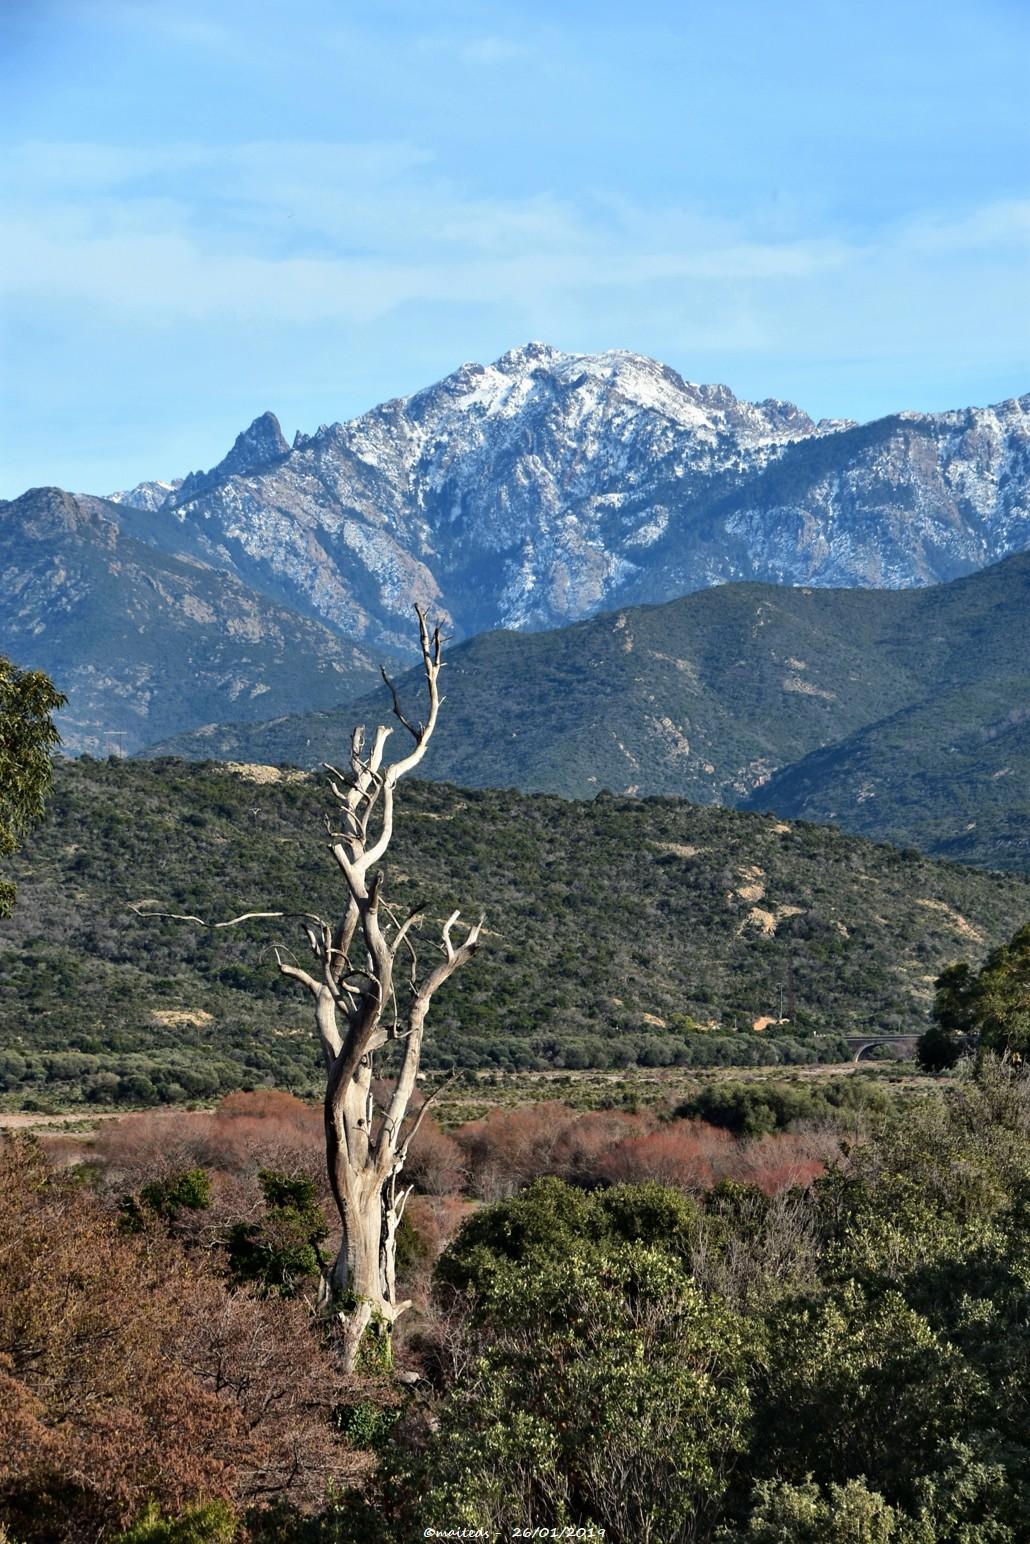 Vue sur les montagnes enneigées depuis Galéria